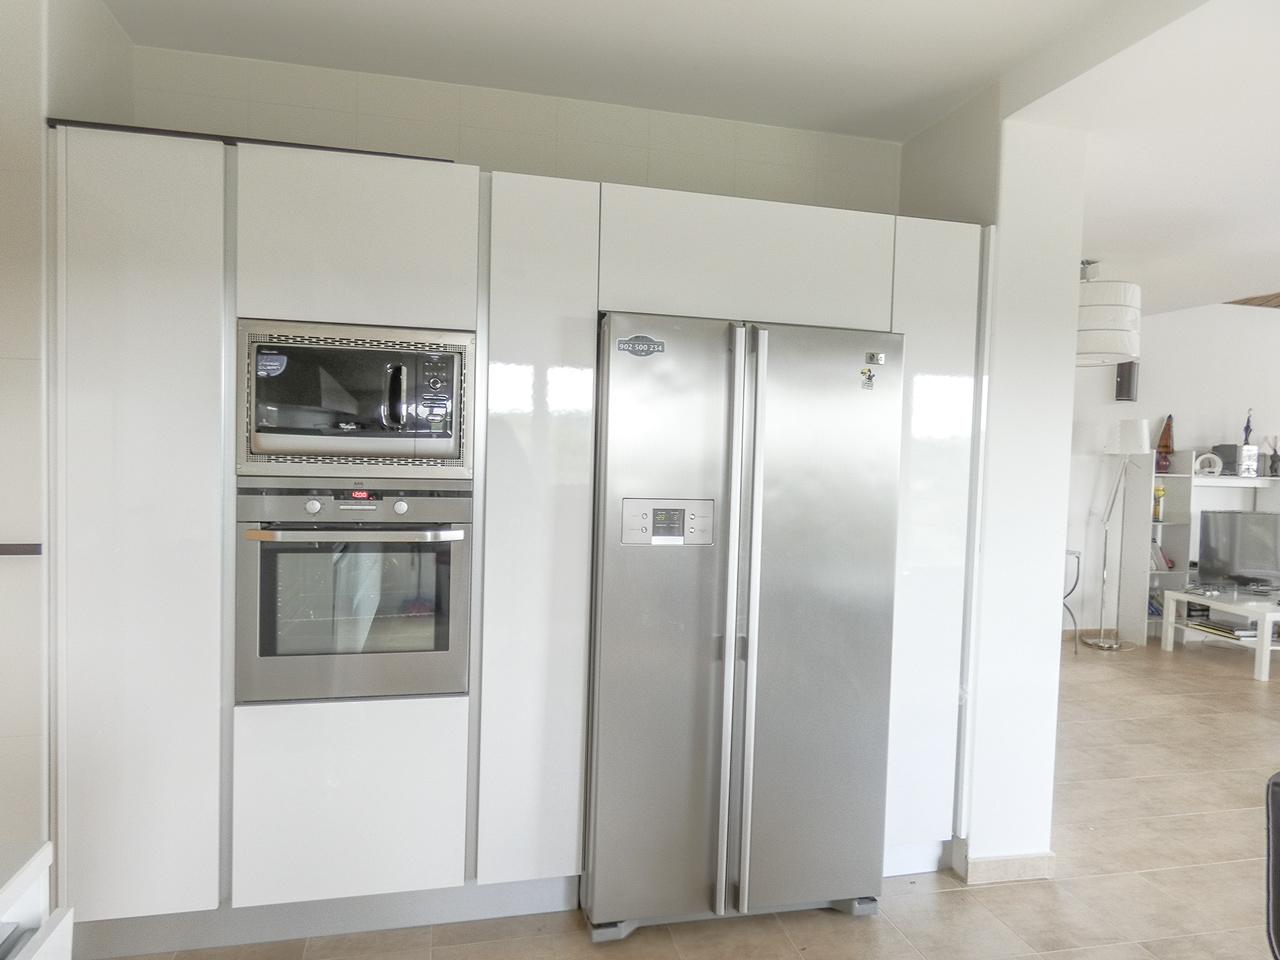 Chalets independientes y parcelas en madrid en venta for Muebles de cocina juan carlos madrid